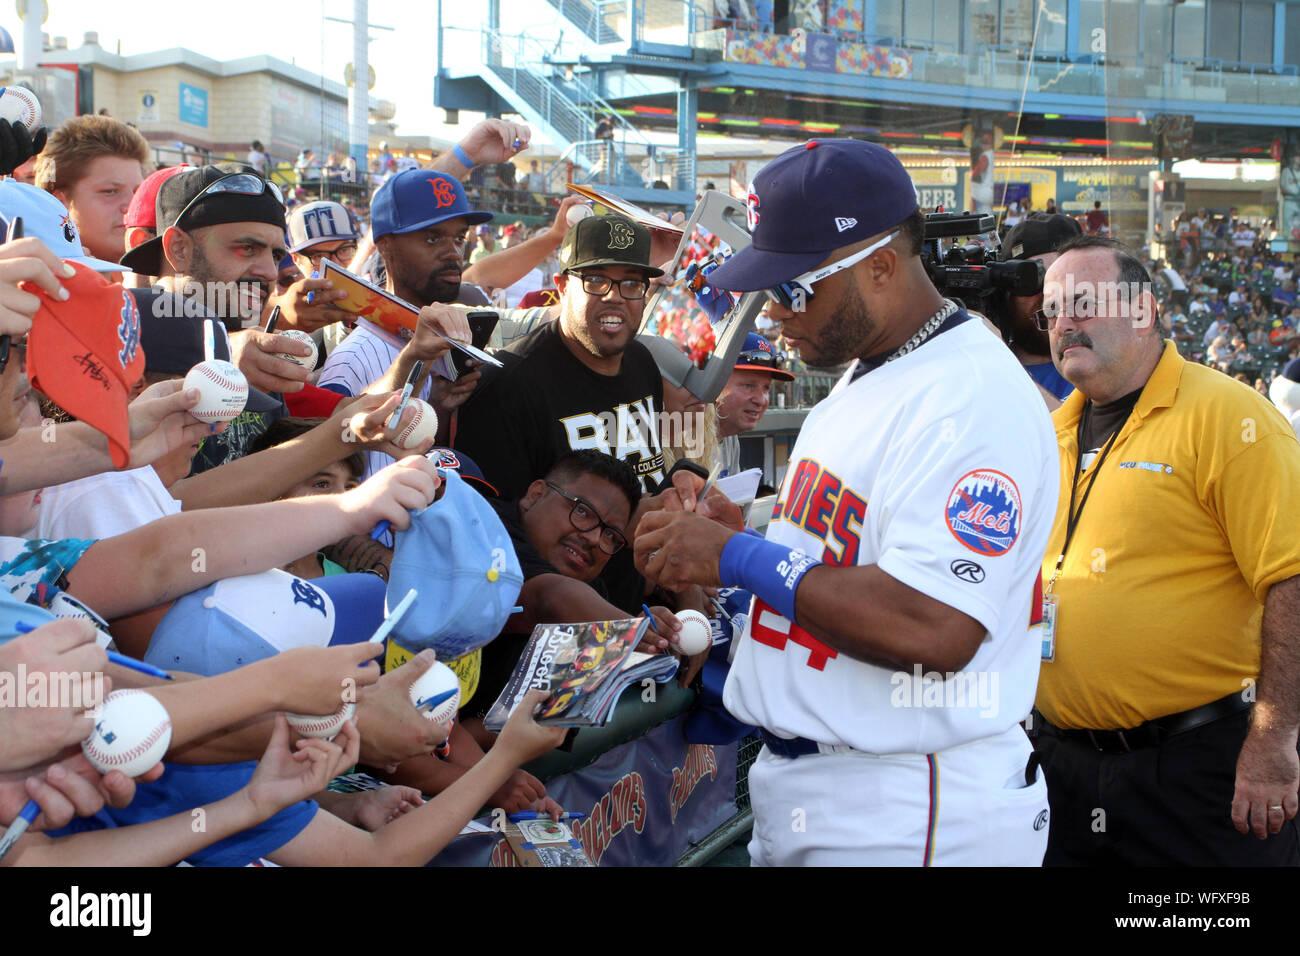 N Y Yankees Stock Photos & N Y Yankees Stock Images - Alamy